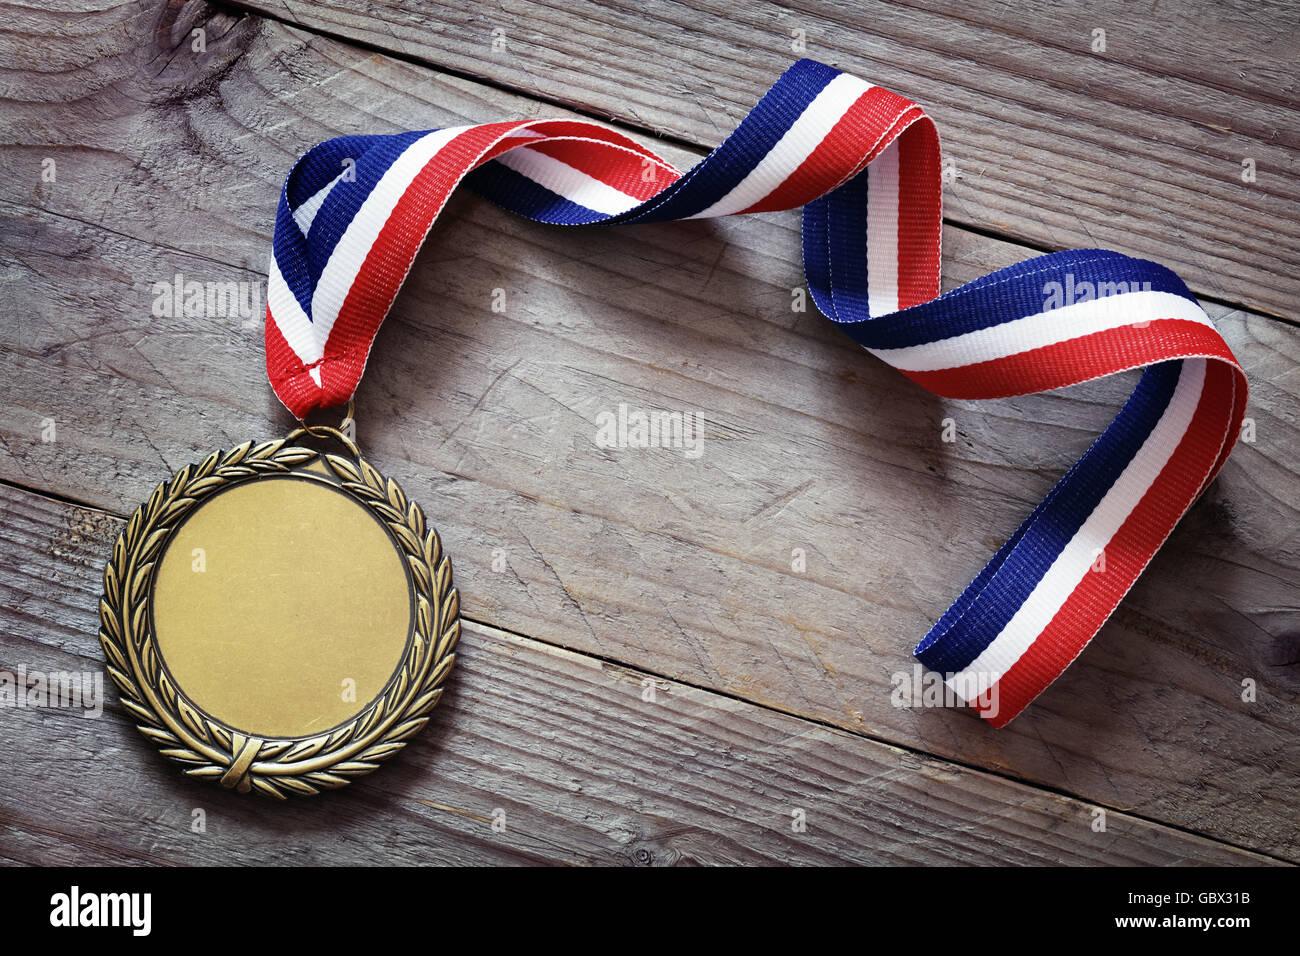 Medaglia d'oro su uno sfondo di legno con faccia vuota per testo, concept per la vincita o di successo Immagini Stock